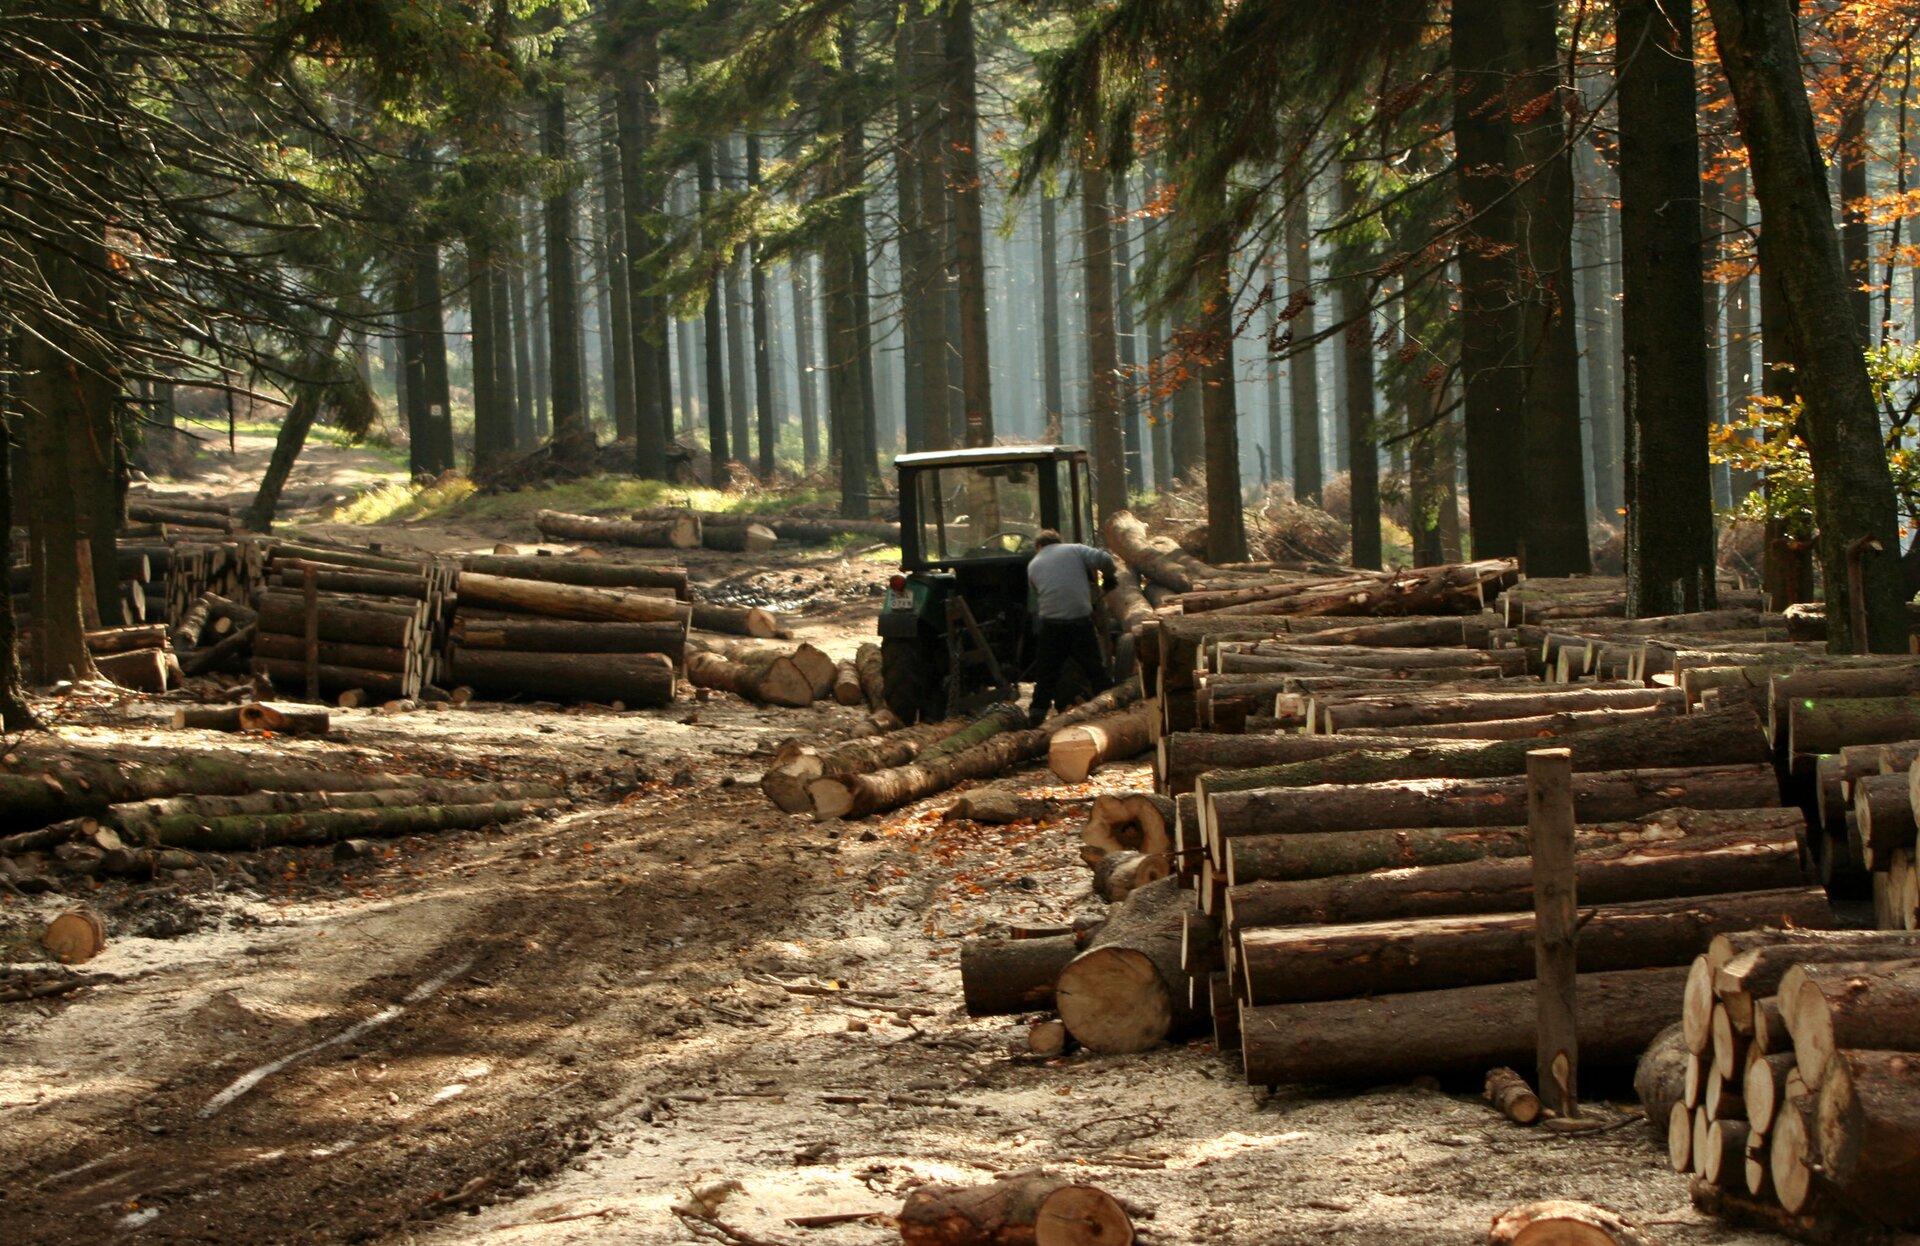 Fotografia przedstawia wnętrze lasu. Przy leśnej drodze stoi ciągnik iczłowiek obok. Wokół leżą pnie ściętych drzew, ułożone wsągi. Drewno należy do odnawialnych zasobów przyrody.